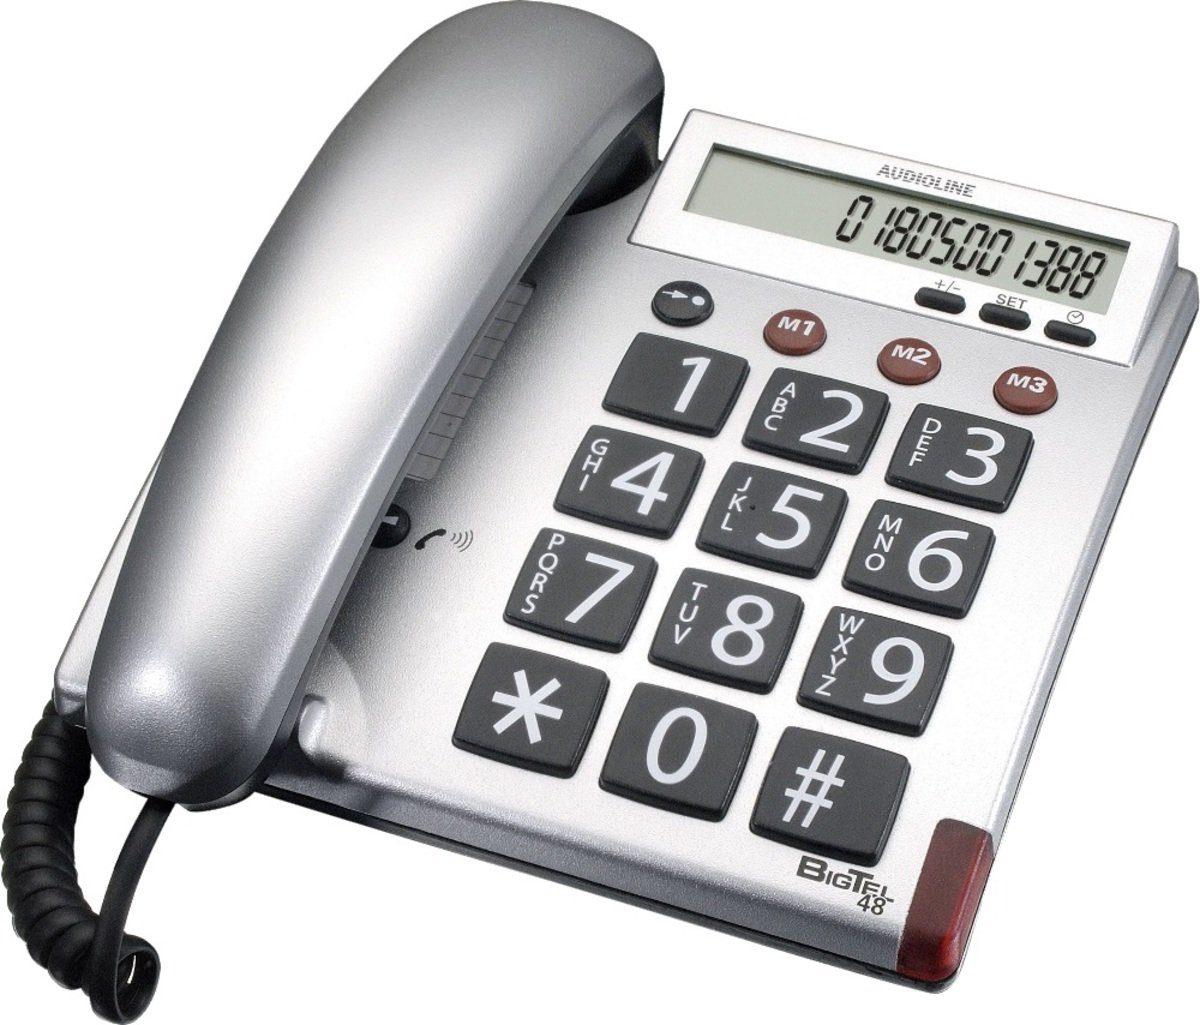 Audioline Telefon analog schnurgebunden »BIGTEL 48 silber«